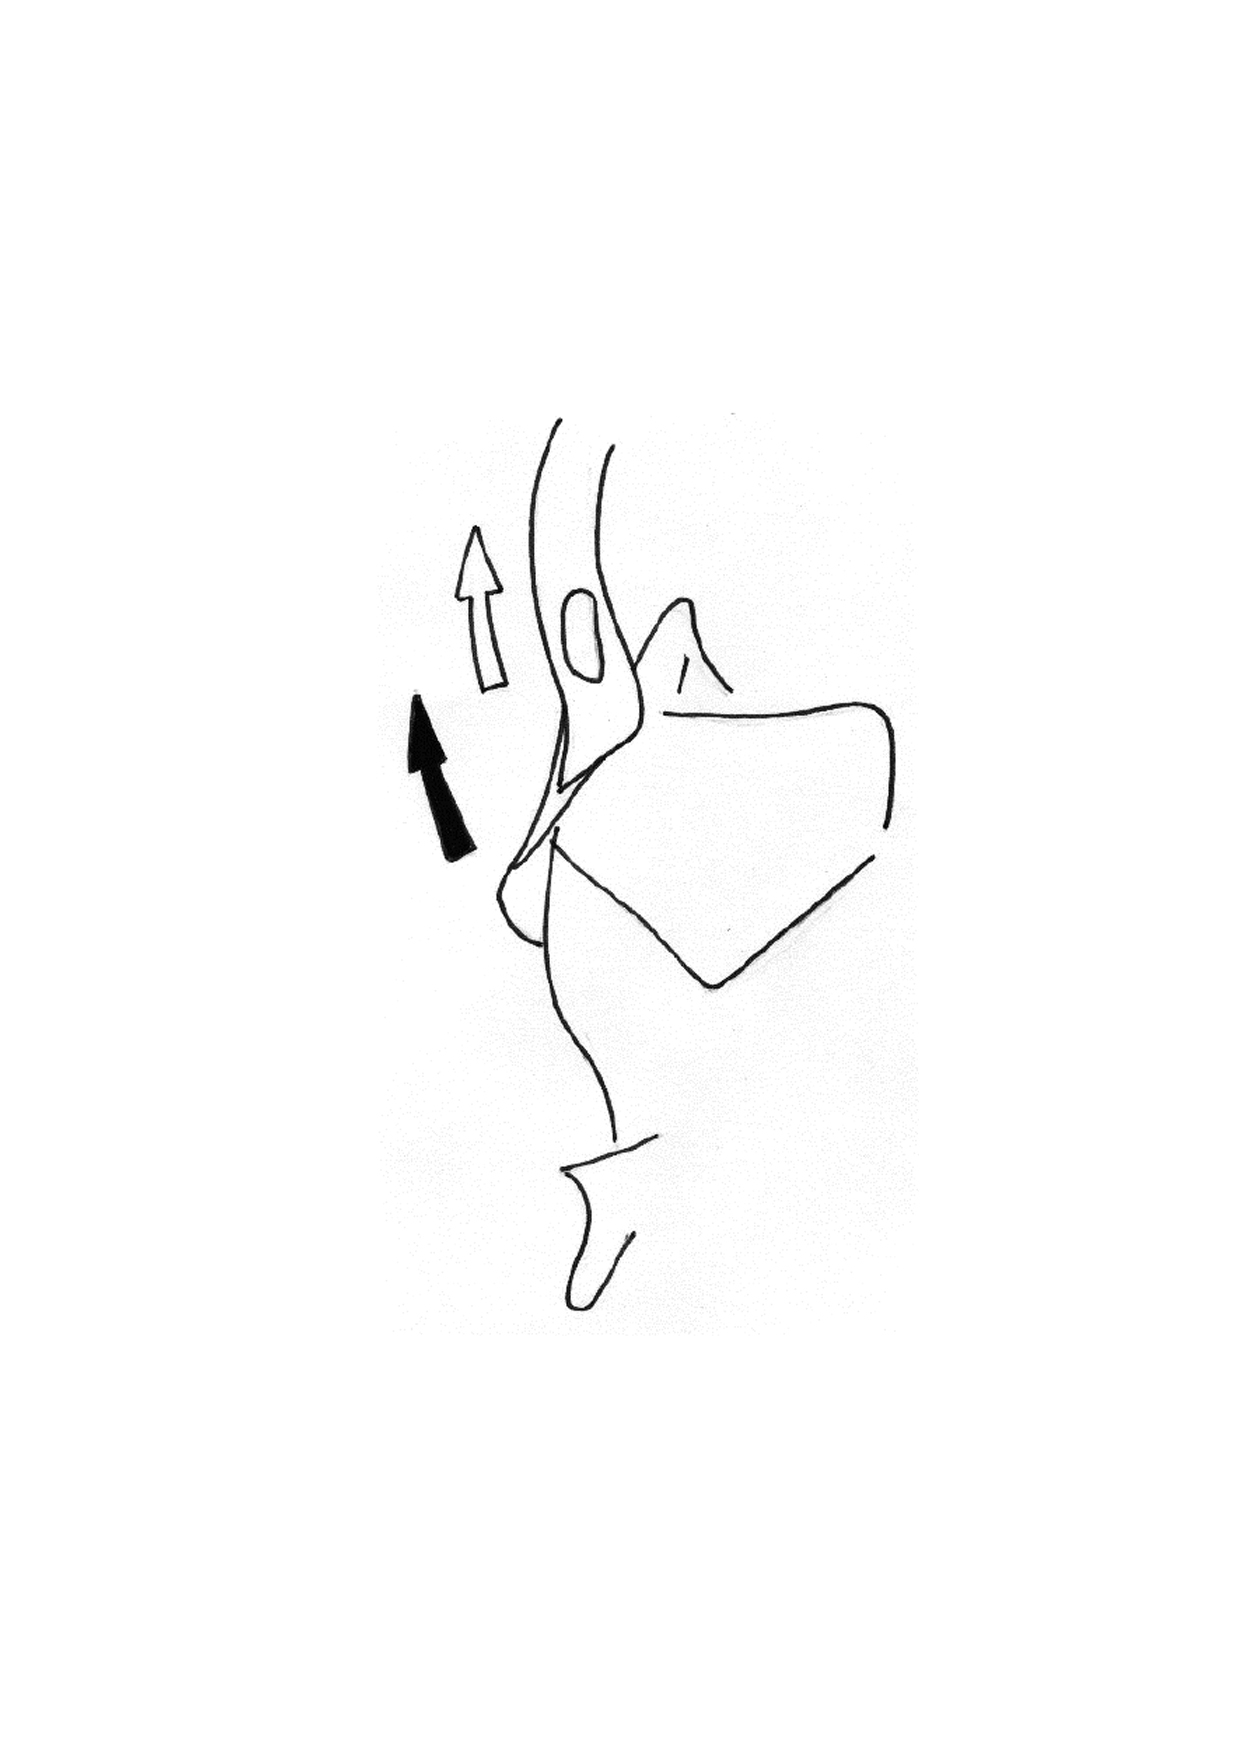 Cinétique de base des os propres sous l'influence du frontal. (Vue interne)